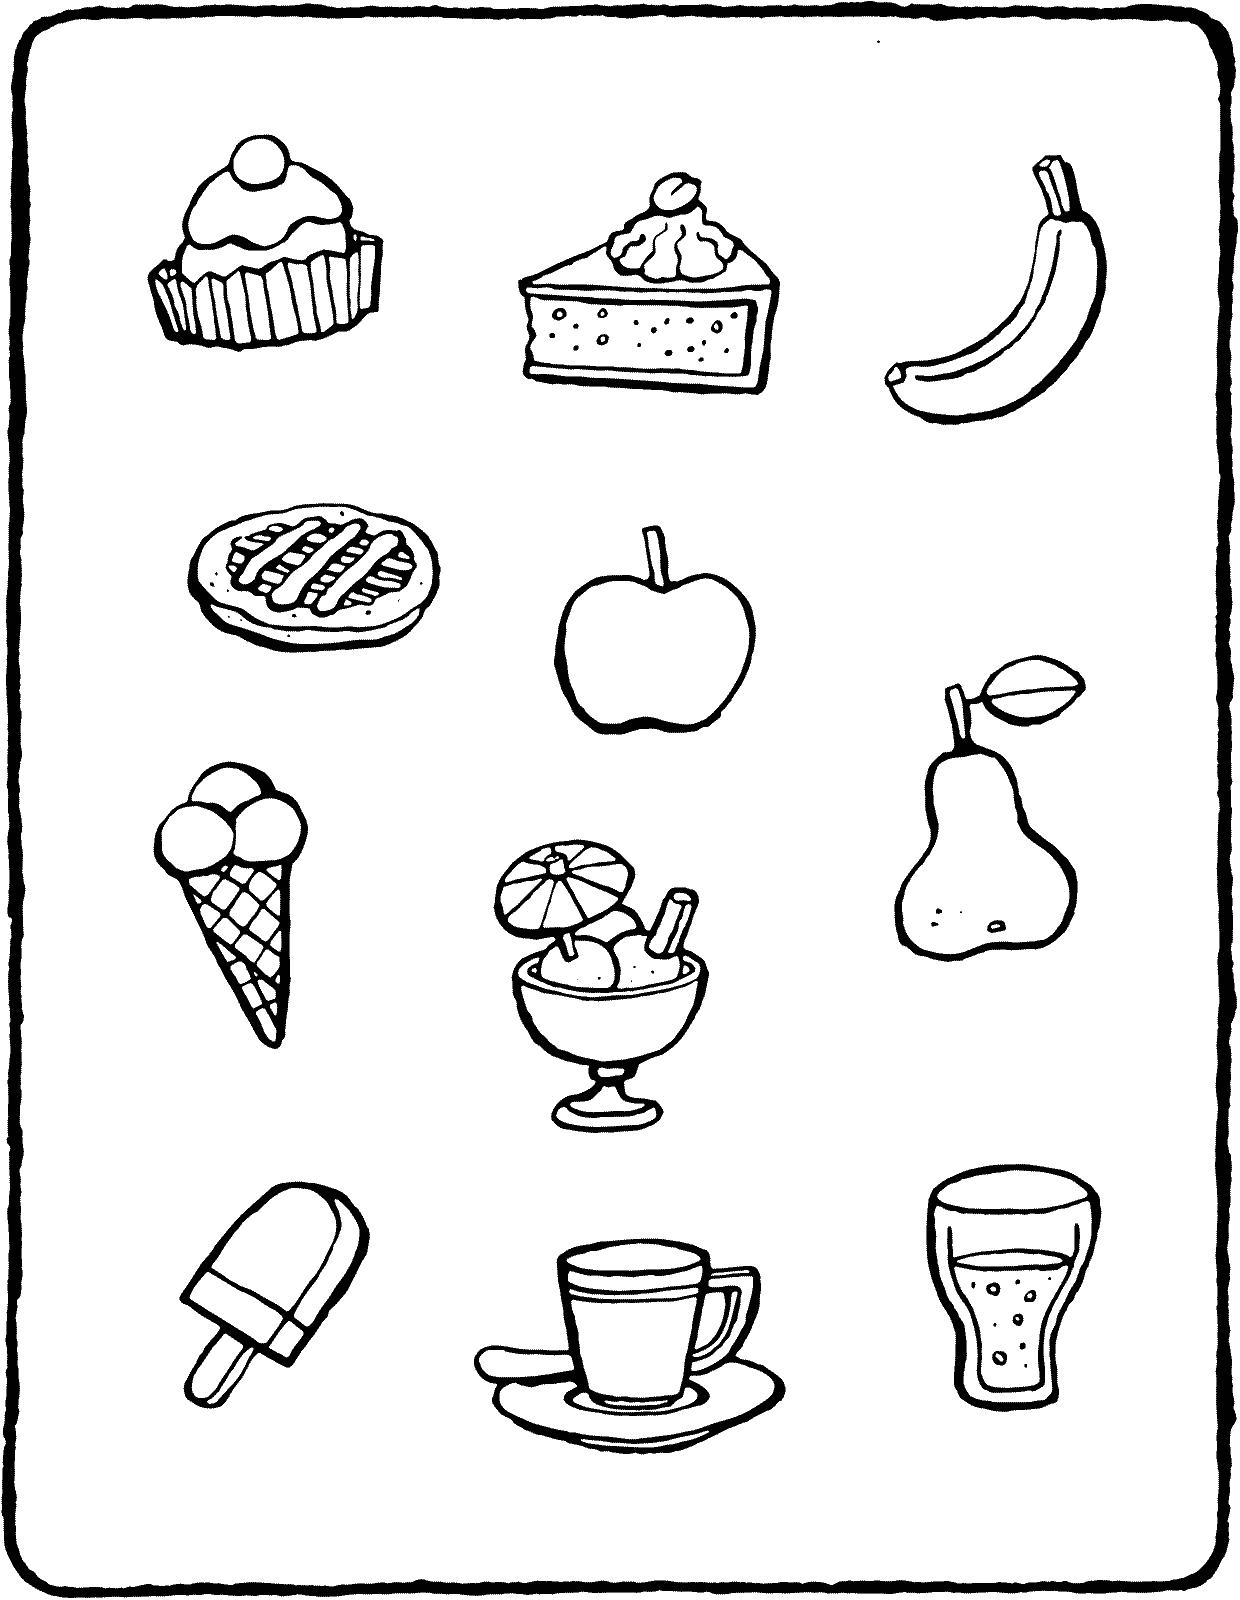 Maak Verzamelingen Met Eten Kleurplaat Kleurprent Tekening 01v Drinken Tekenen Eten Teken Eten